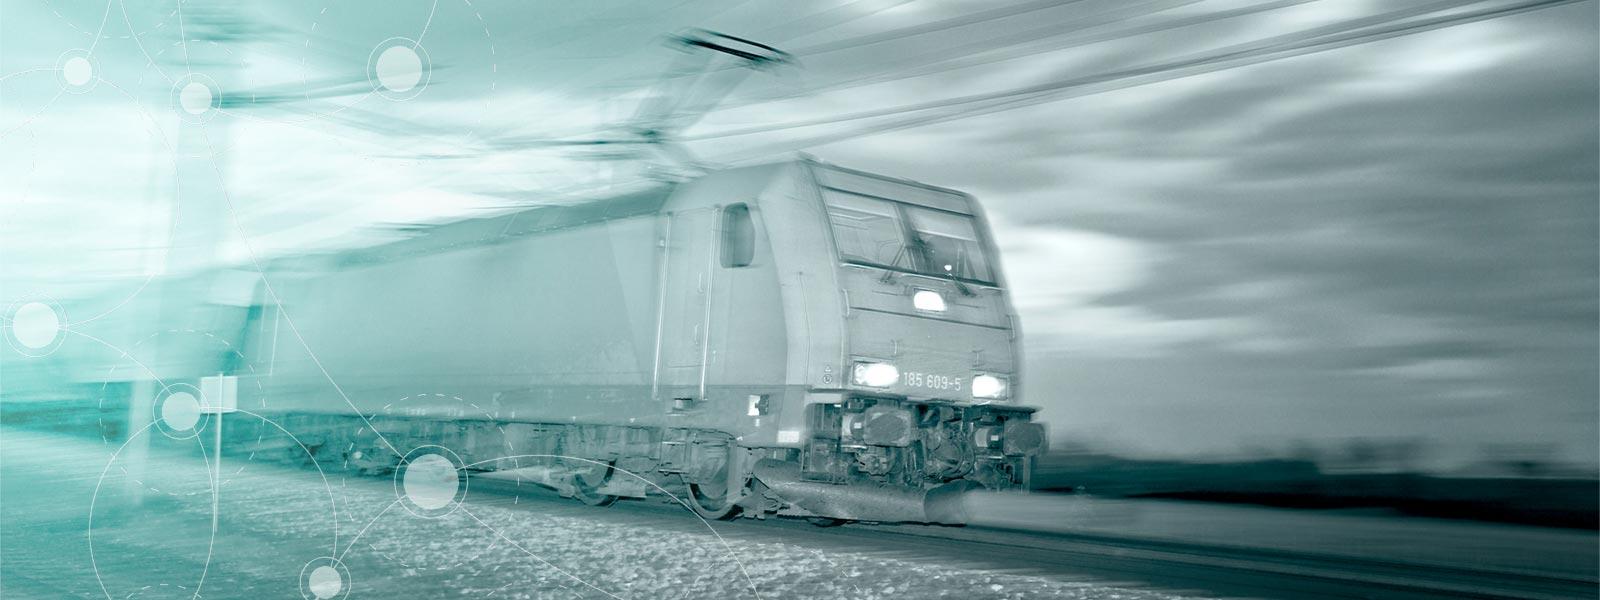 _Hauptmotiv_Rail_en